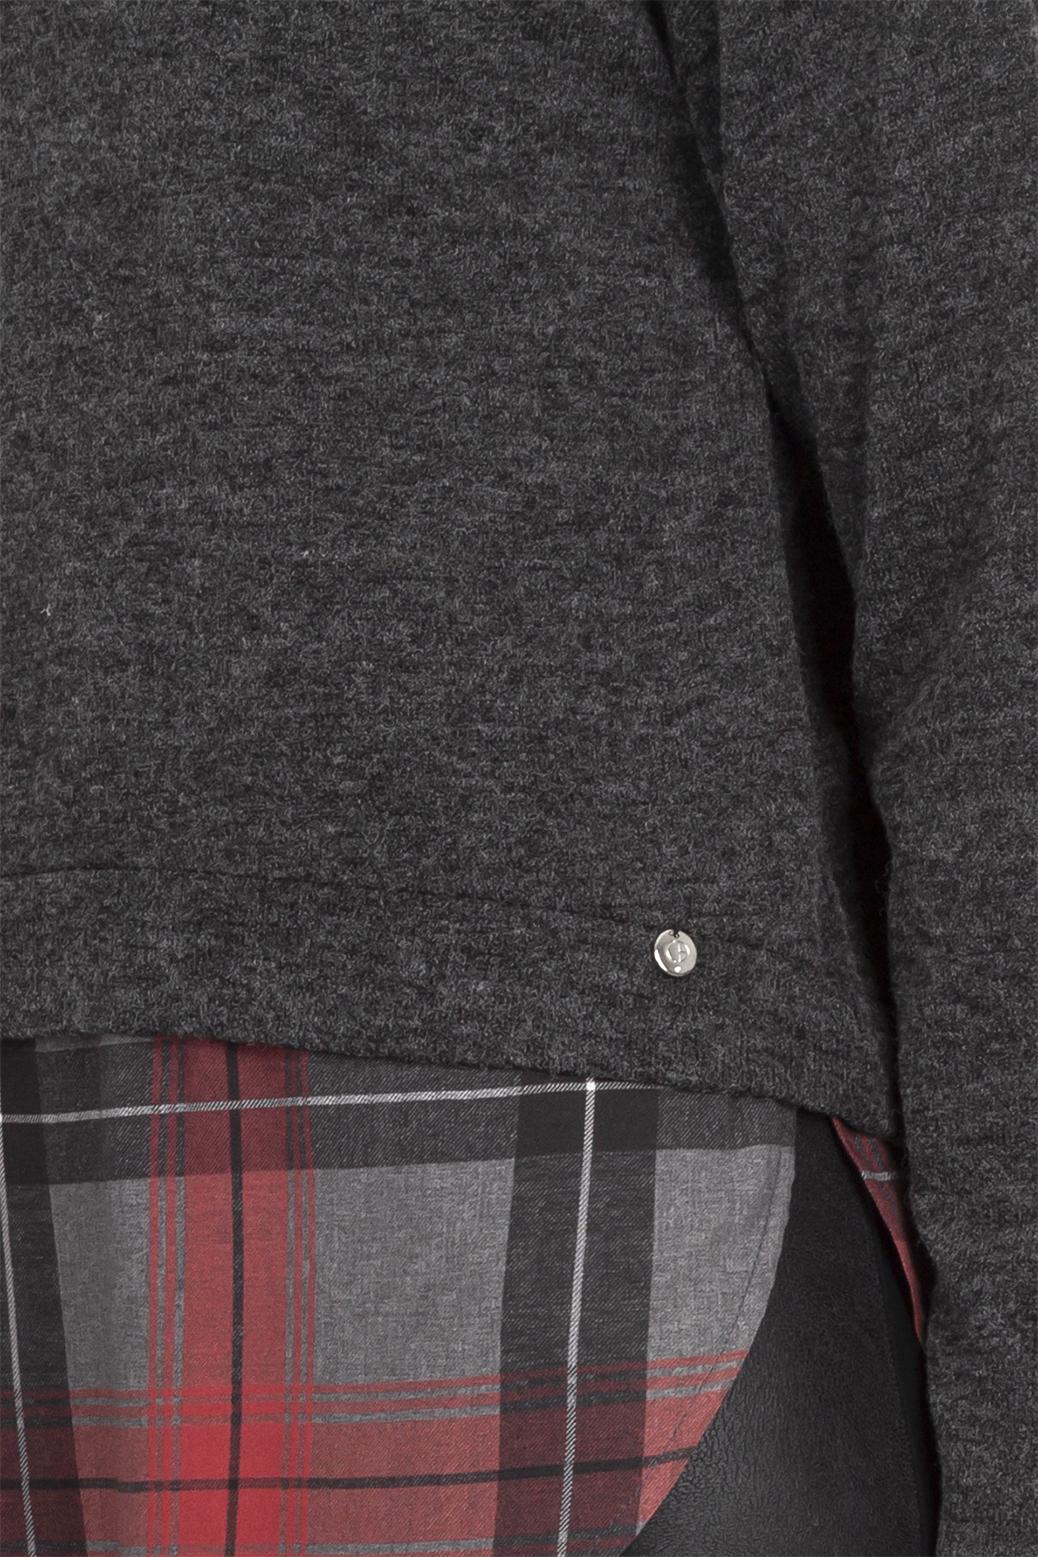 Camisola manga longa Calça almofadada